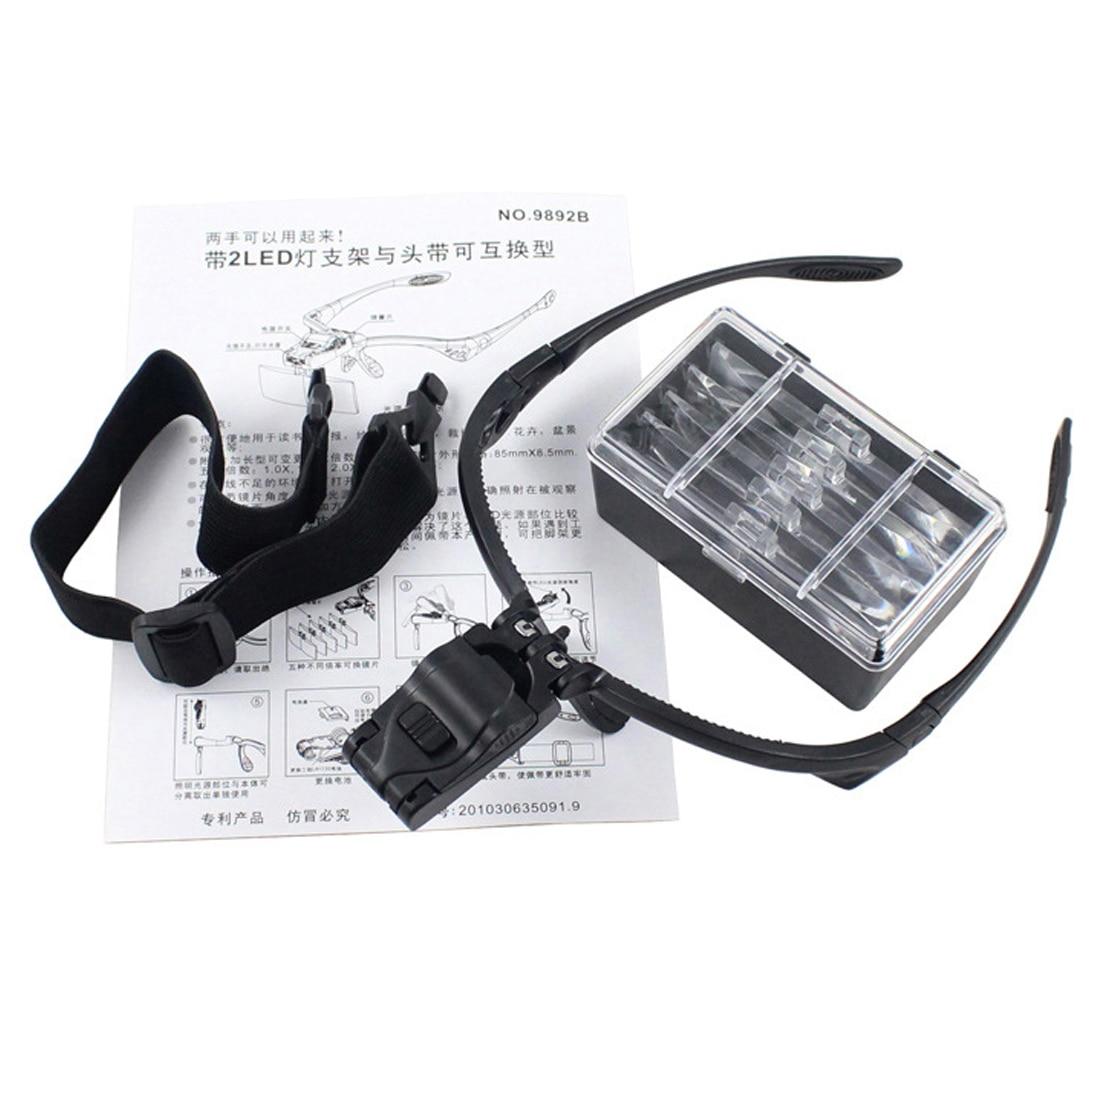 1 pz Magnifier Fascia Lente di Ingrandimento Eye Magnifier di Riparazione 2 HA CONDOTTO LA Luce 1.0/1.5/2.0/2.5/3.5X5 PZ Occhiali Loupe Lente Ottica